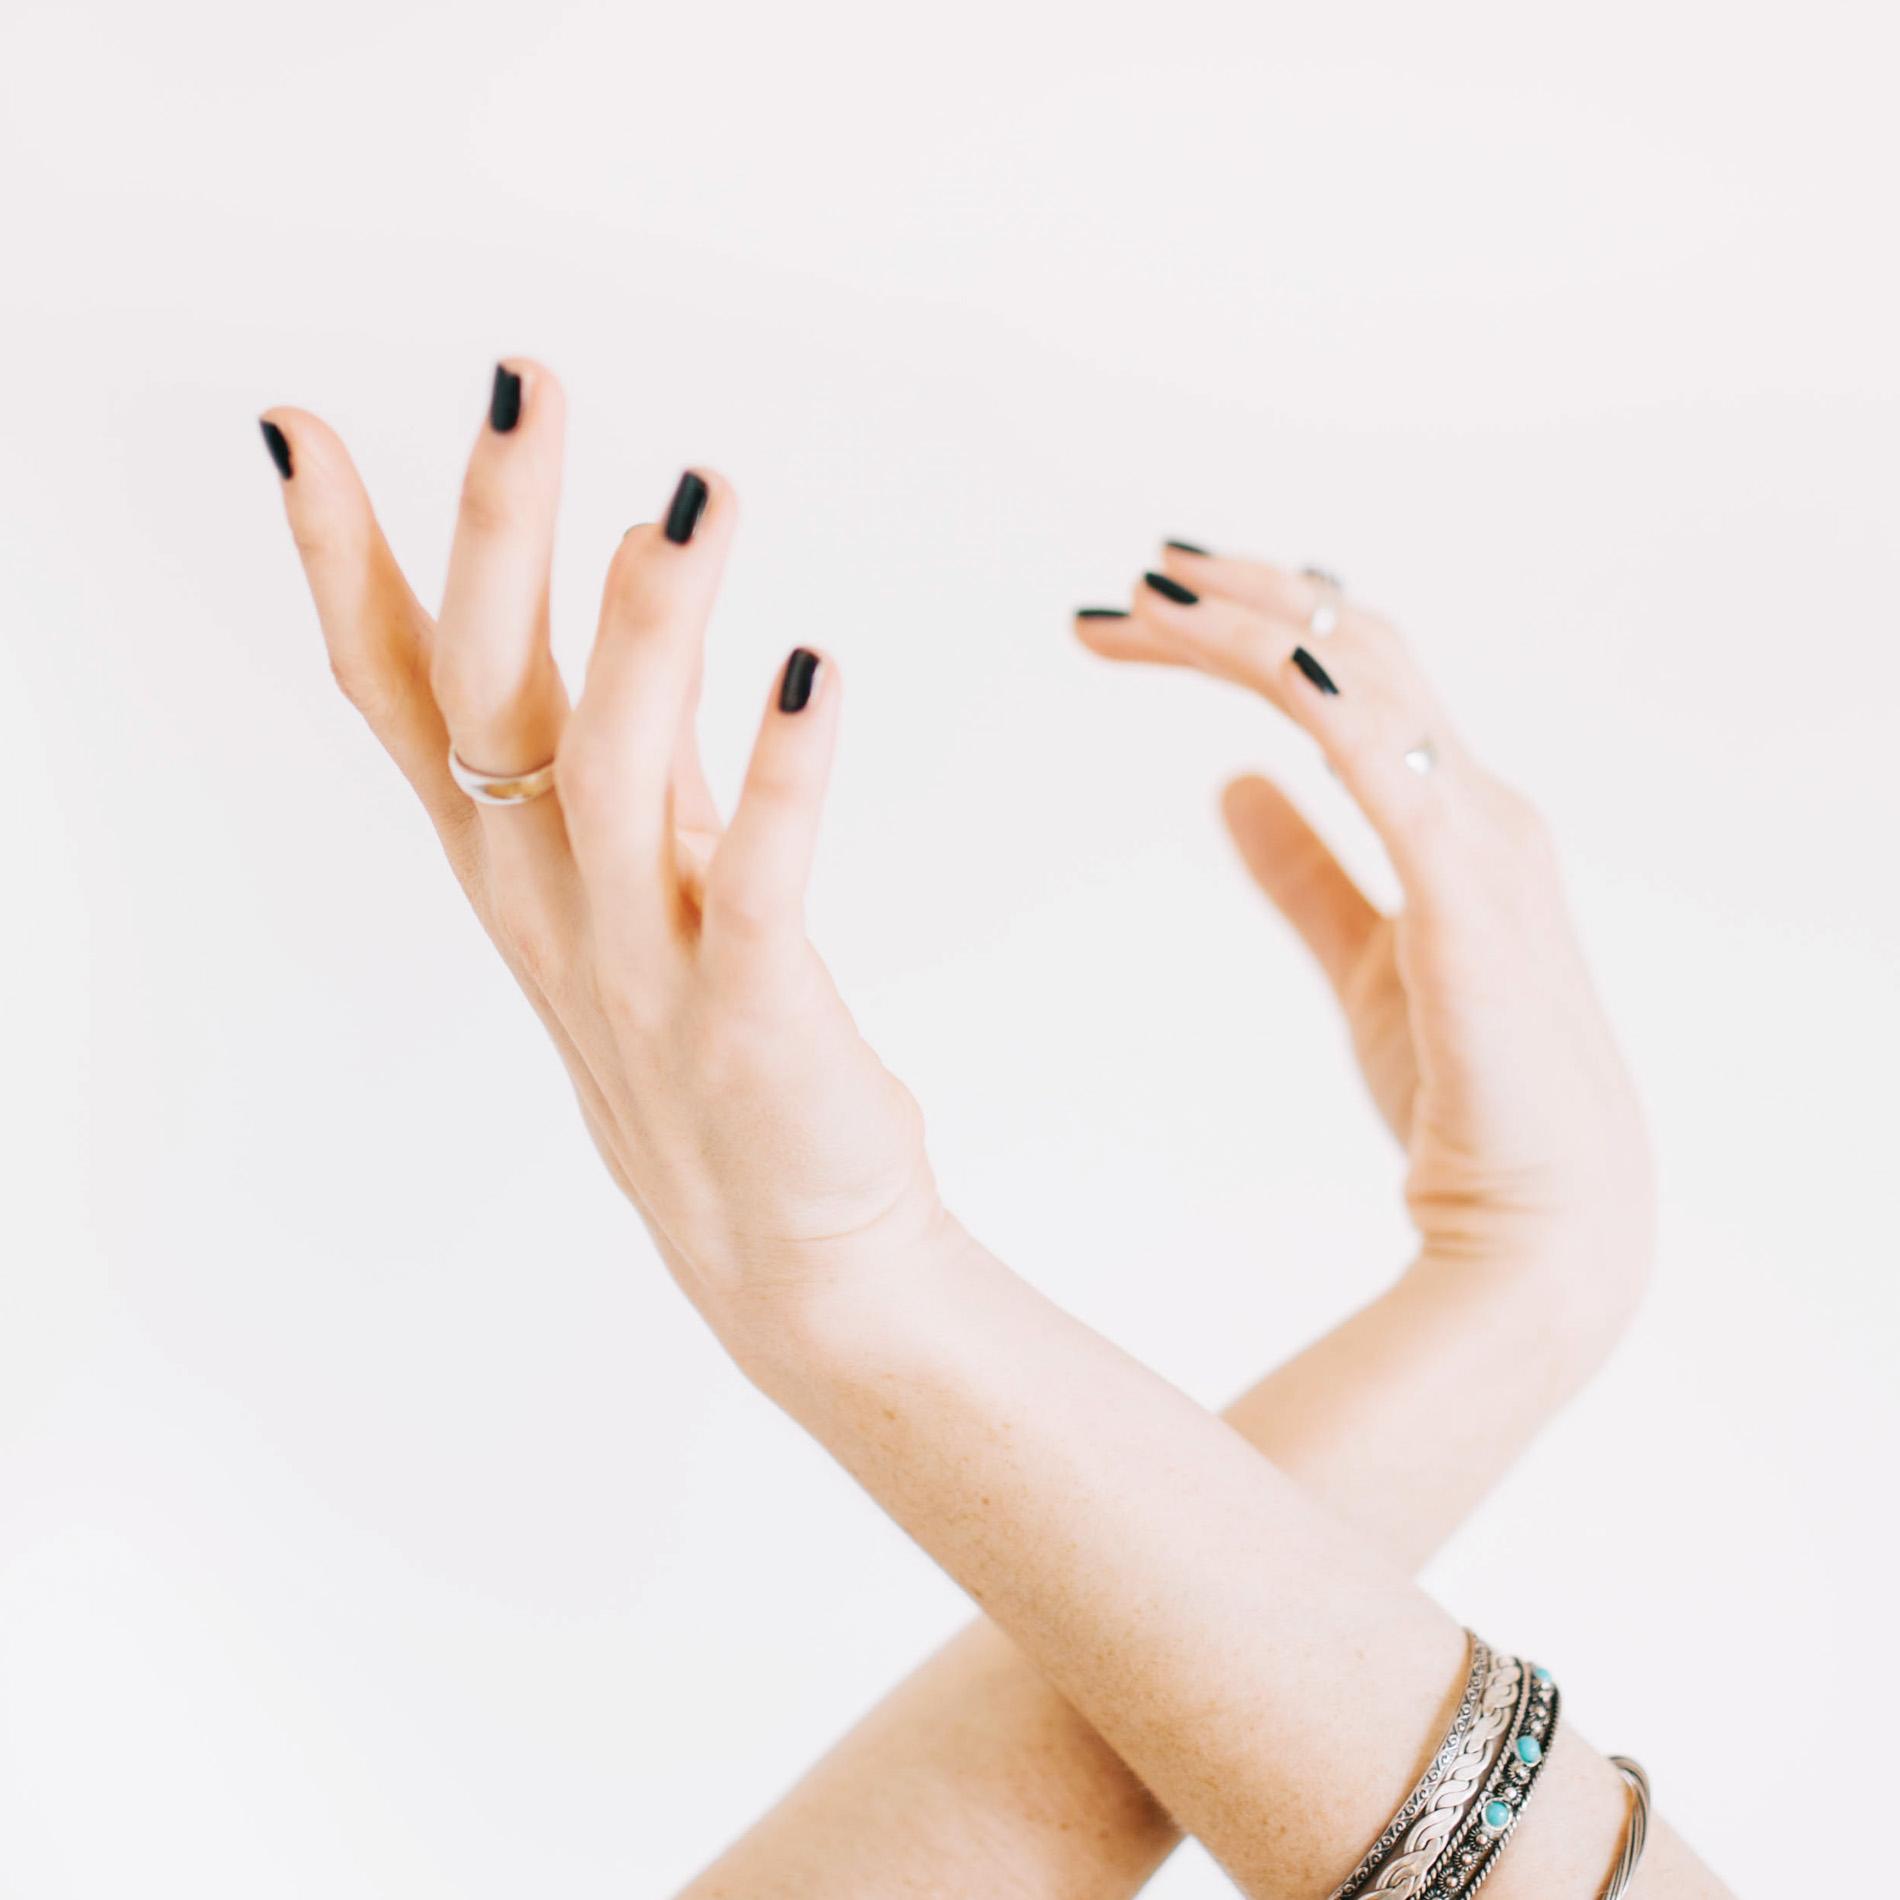 trockene Hände, Was hilft gegen trockene Hände, Was hilft bei trockenen Händen, Hausmittel bei trockenen Händen, Tipps gegen trockene Hände, trocken Hände was tun, wie pflege ich trockene Hände, trockene Hände was hilft, Beauty Blog, ElisaZunder Blogazine, Beauty Tipps bei trockenen Händen, Beauty Tipps